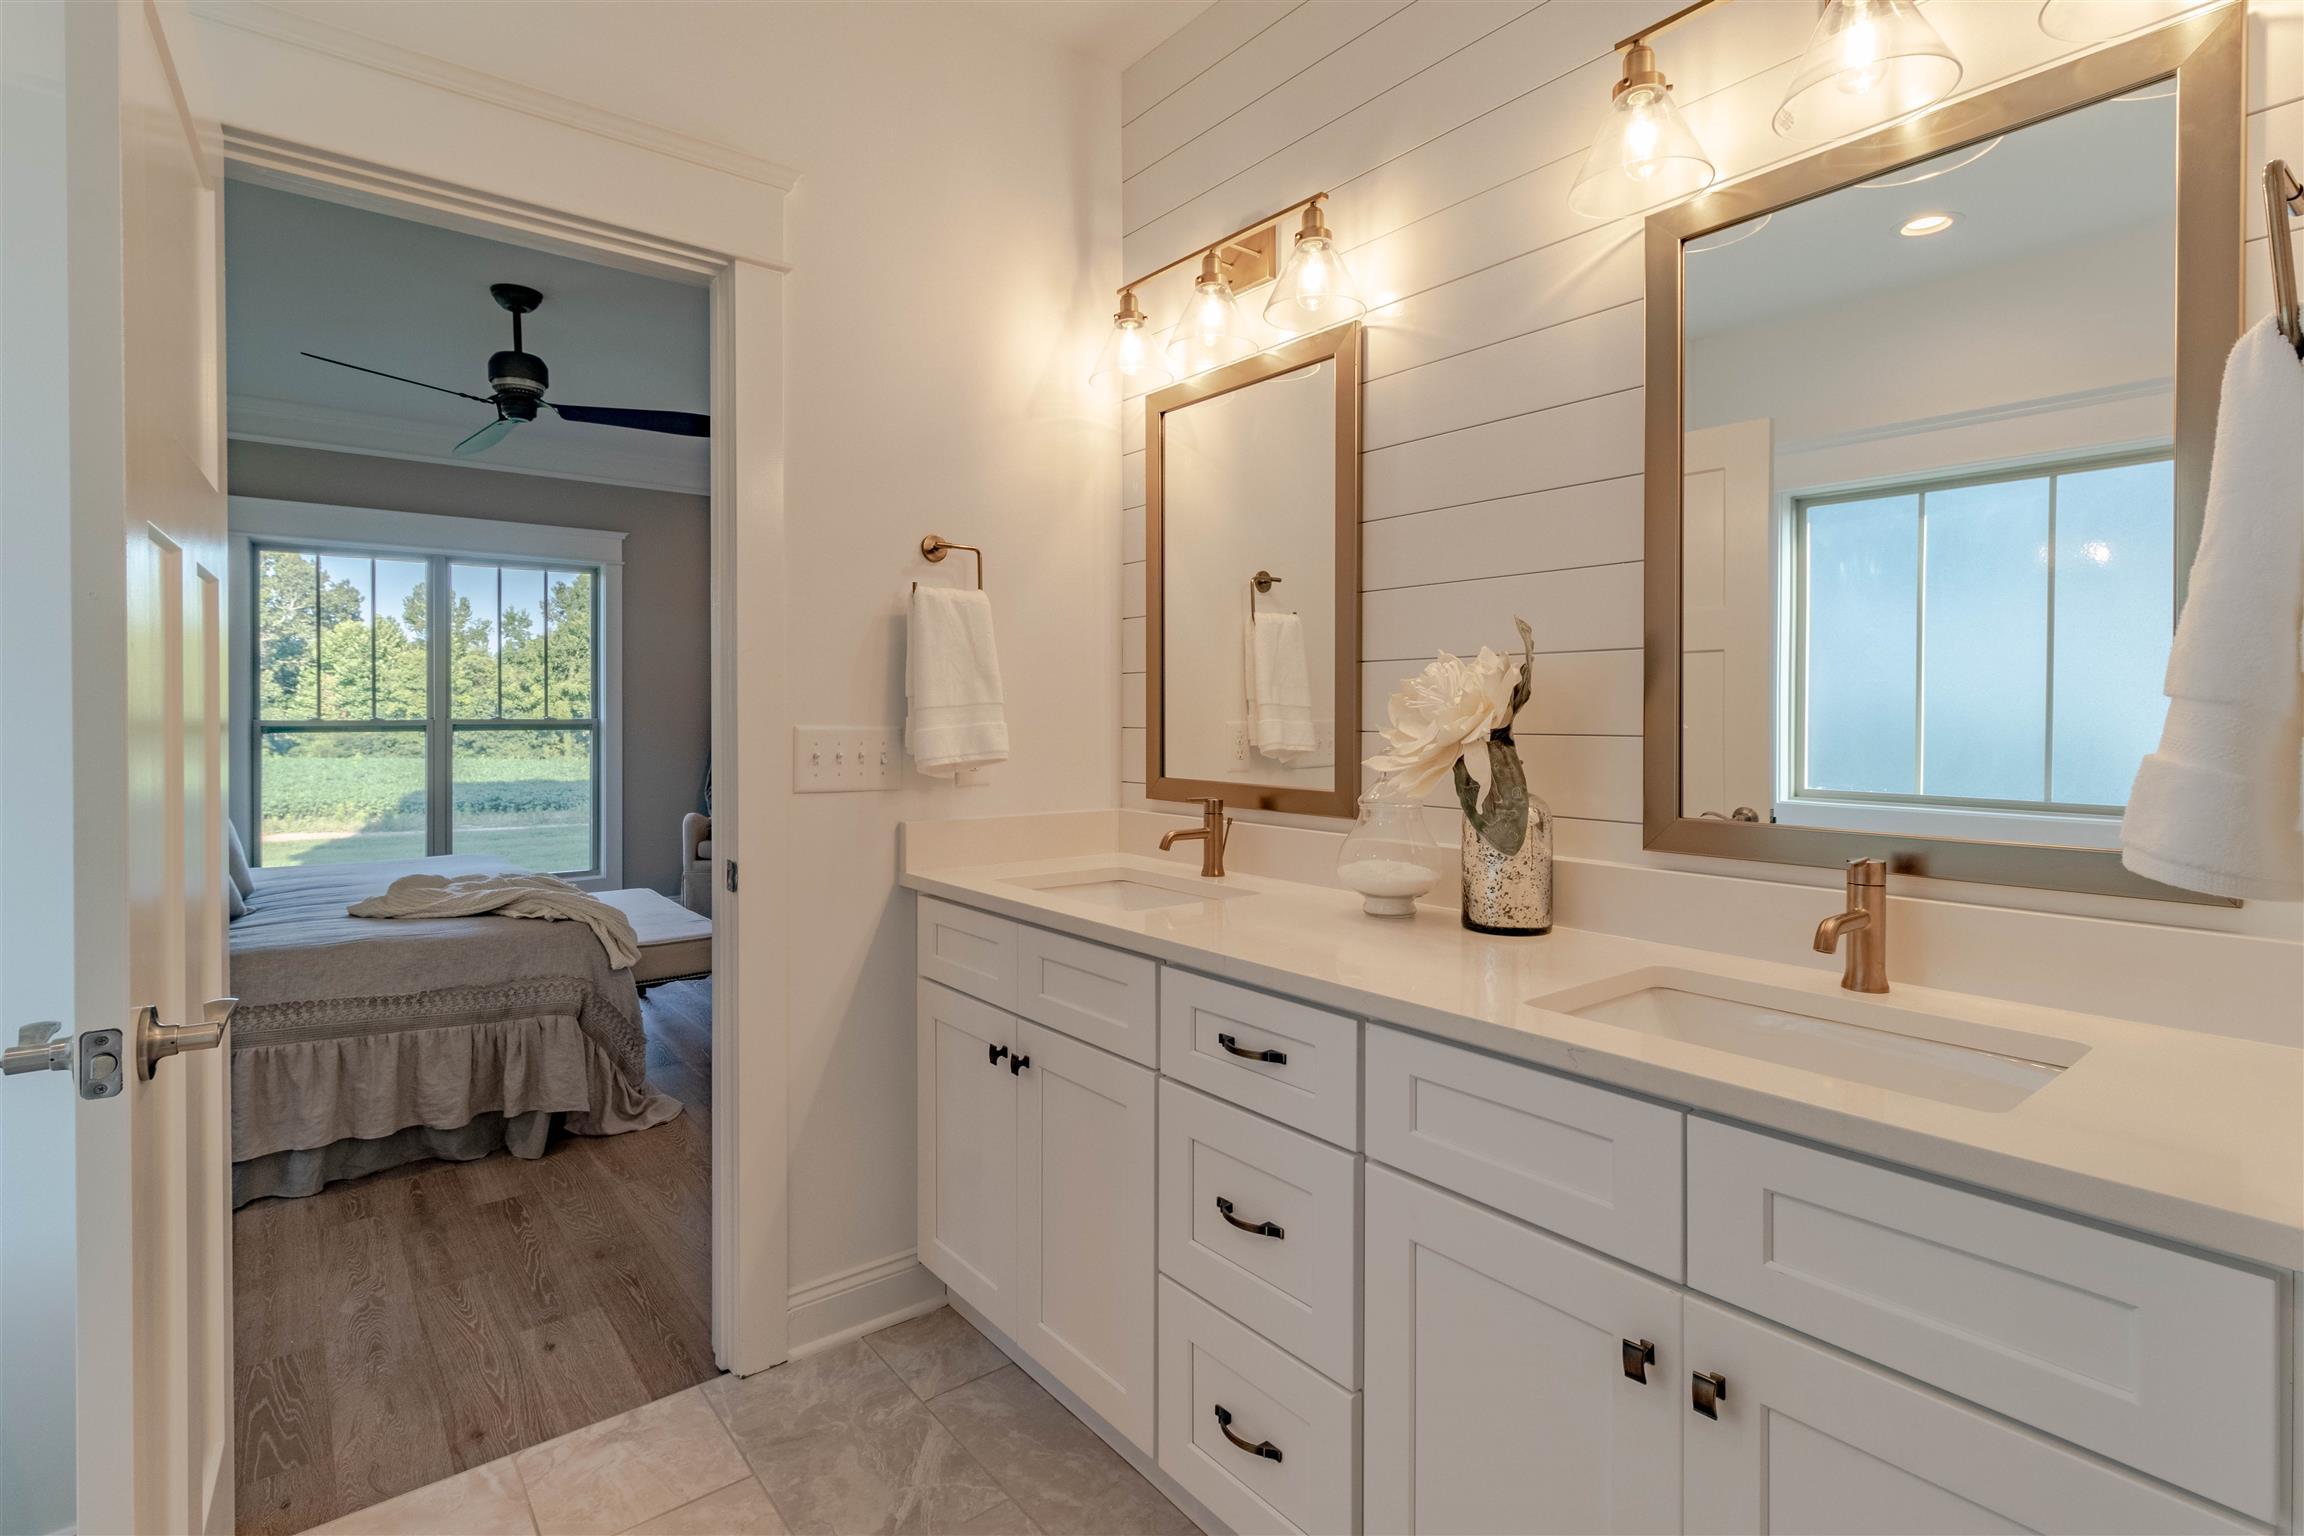 1421 Hereford Blvd, Clarksville, TN 37043 - Clarksville, TN real estate listing